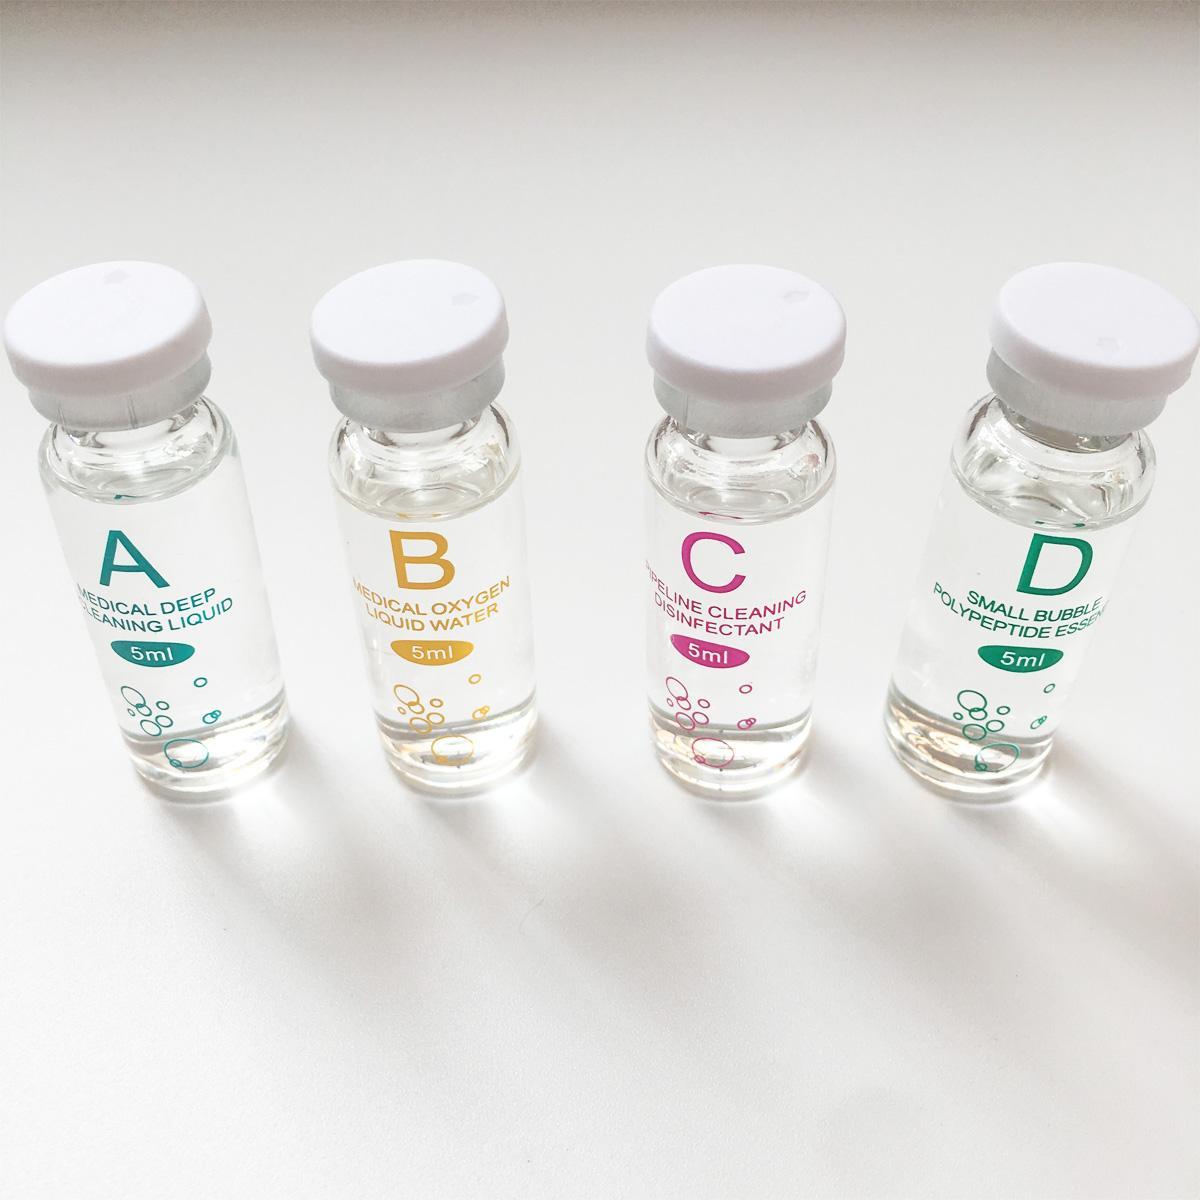 Serum Aqua تقشير محلول الجلد نظيفة جوهر المنتج لآلة الجمال هيدرا الوجه التجميل